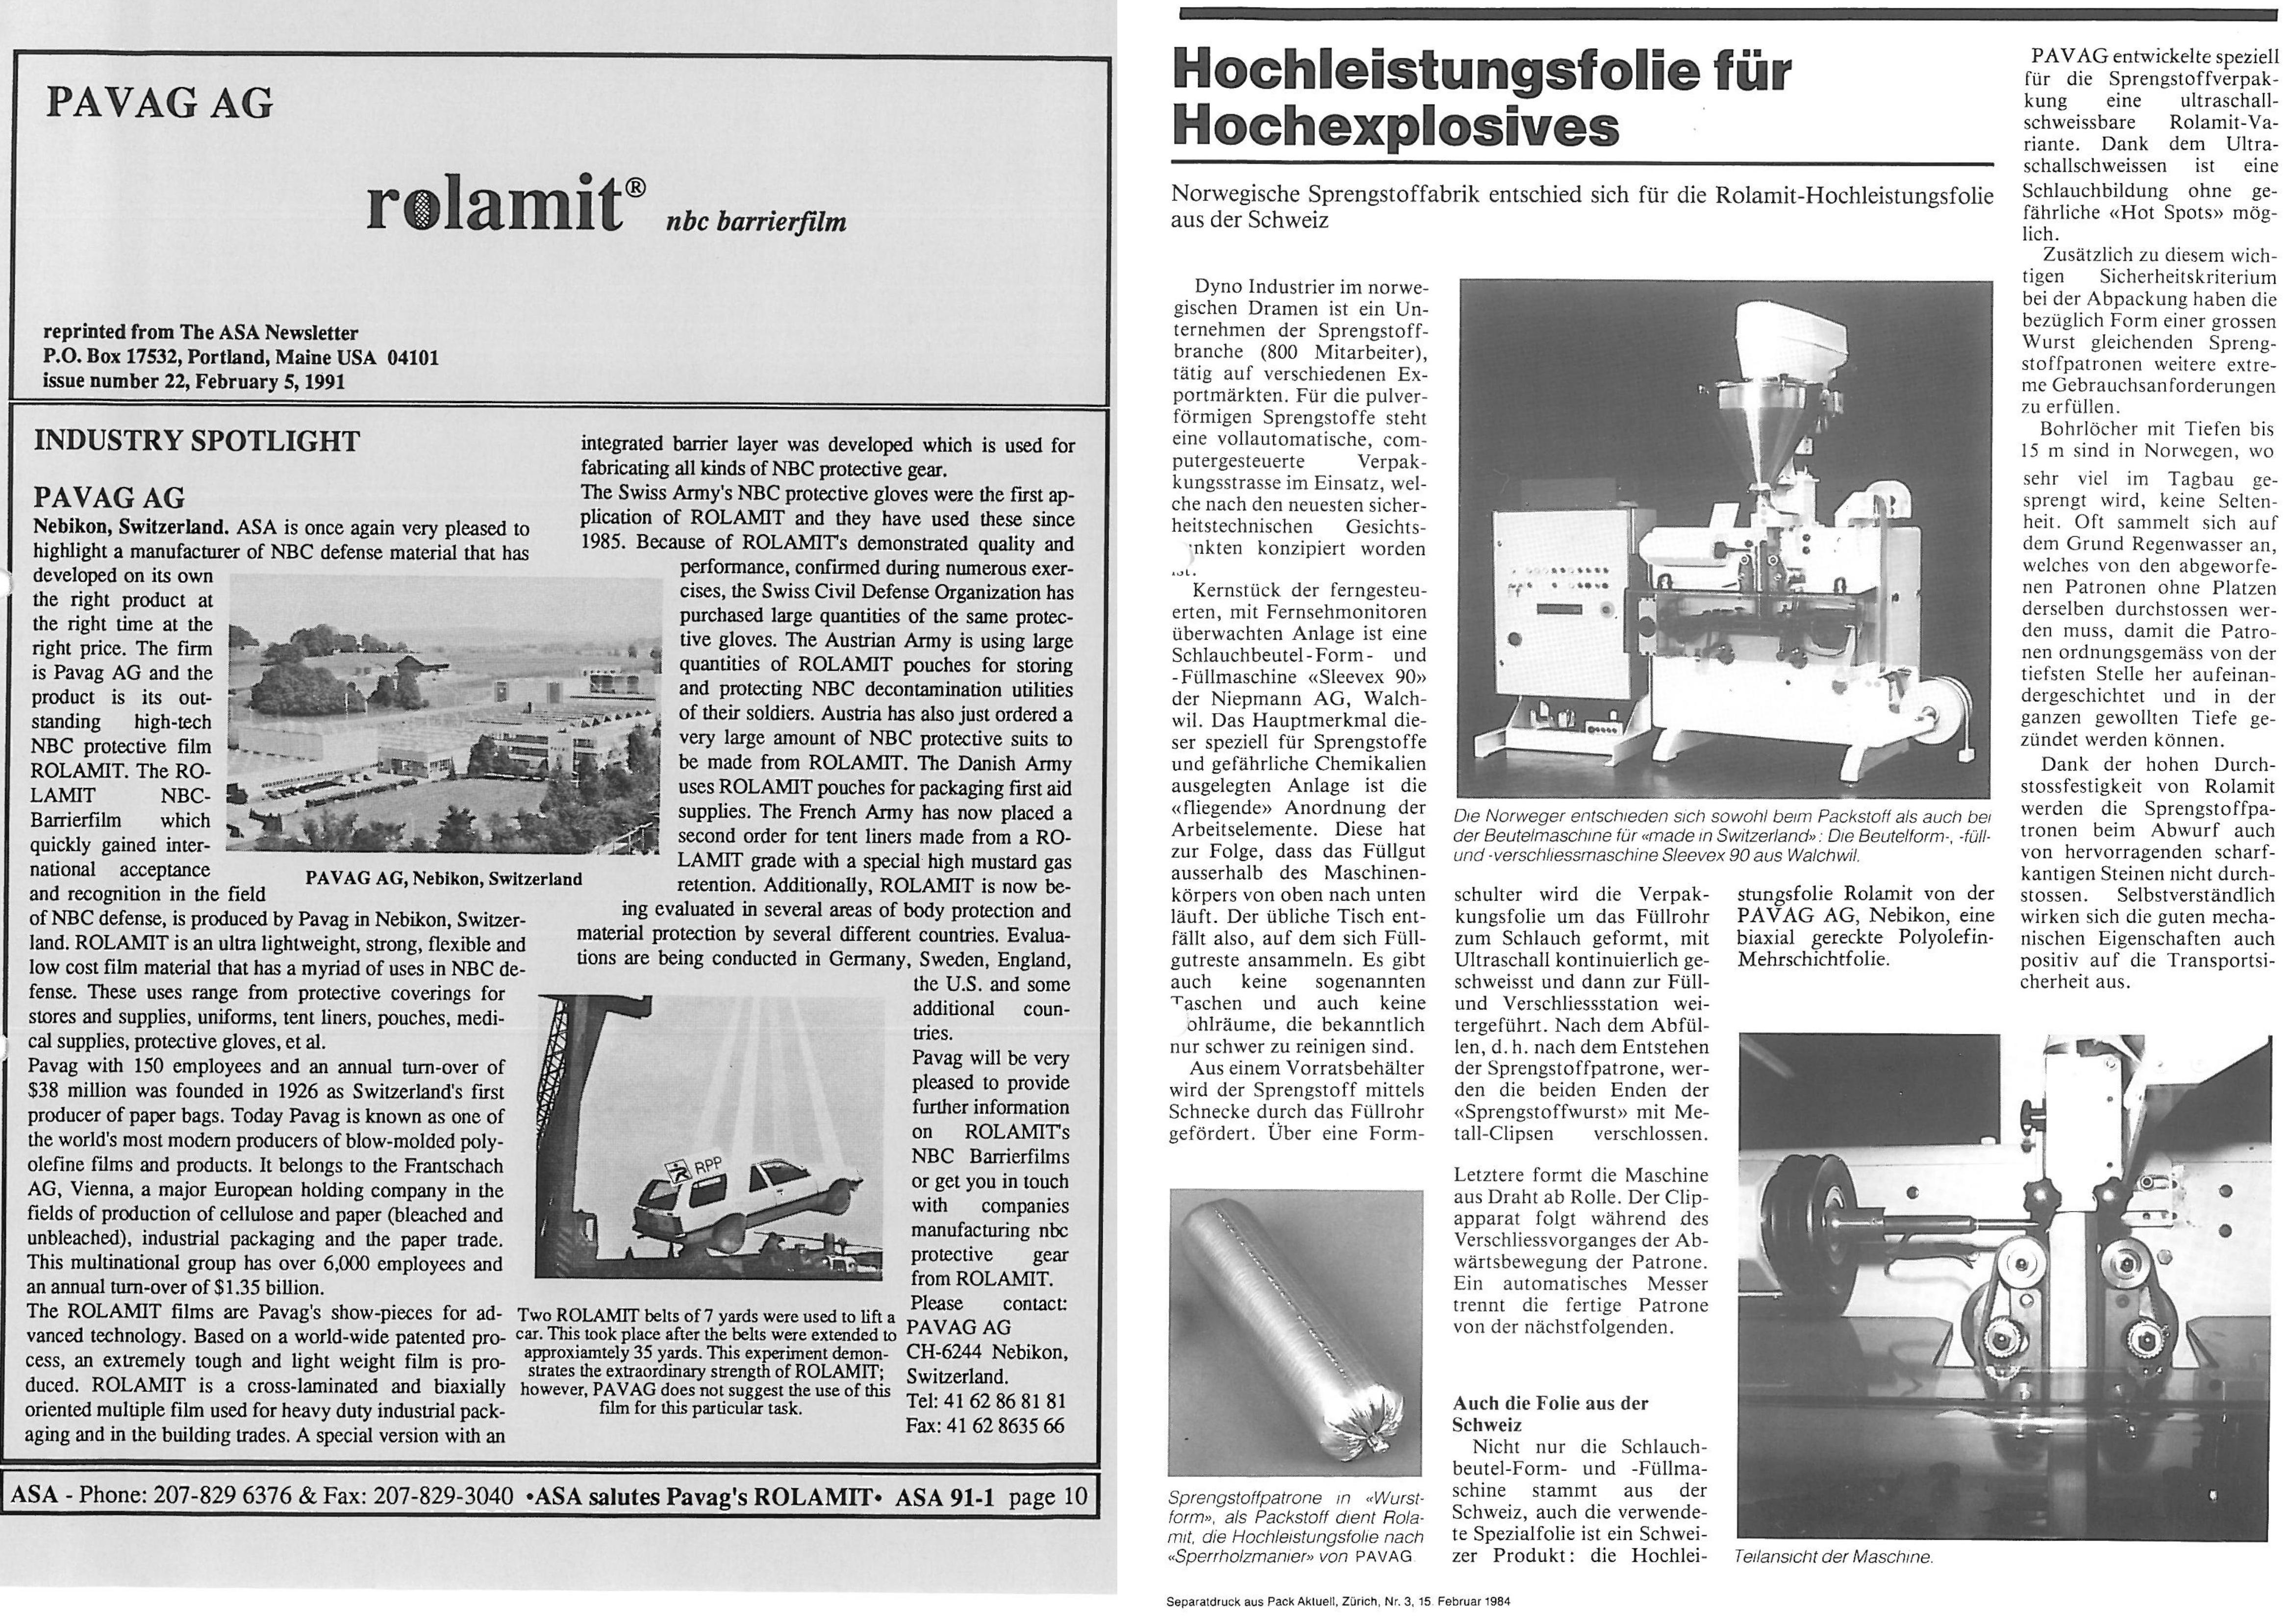 1983 - Rolamit®